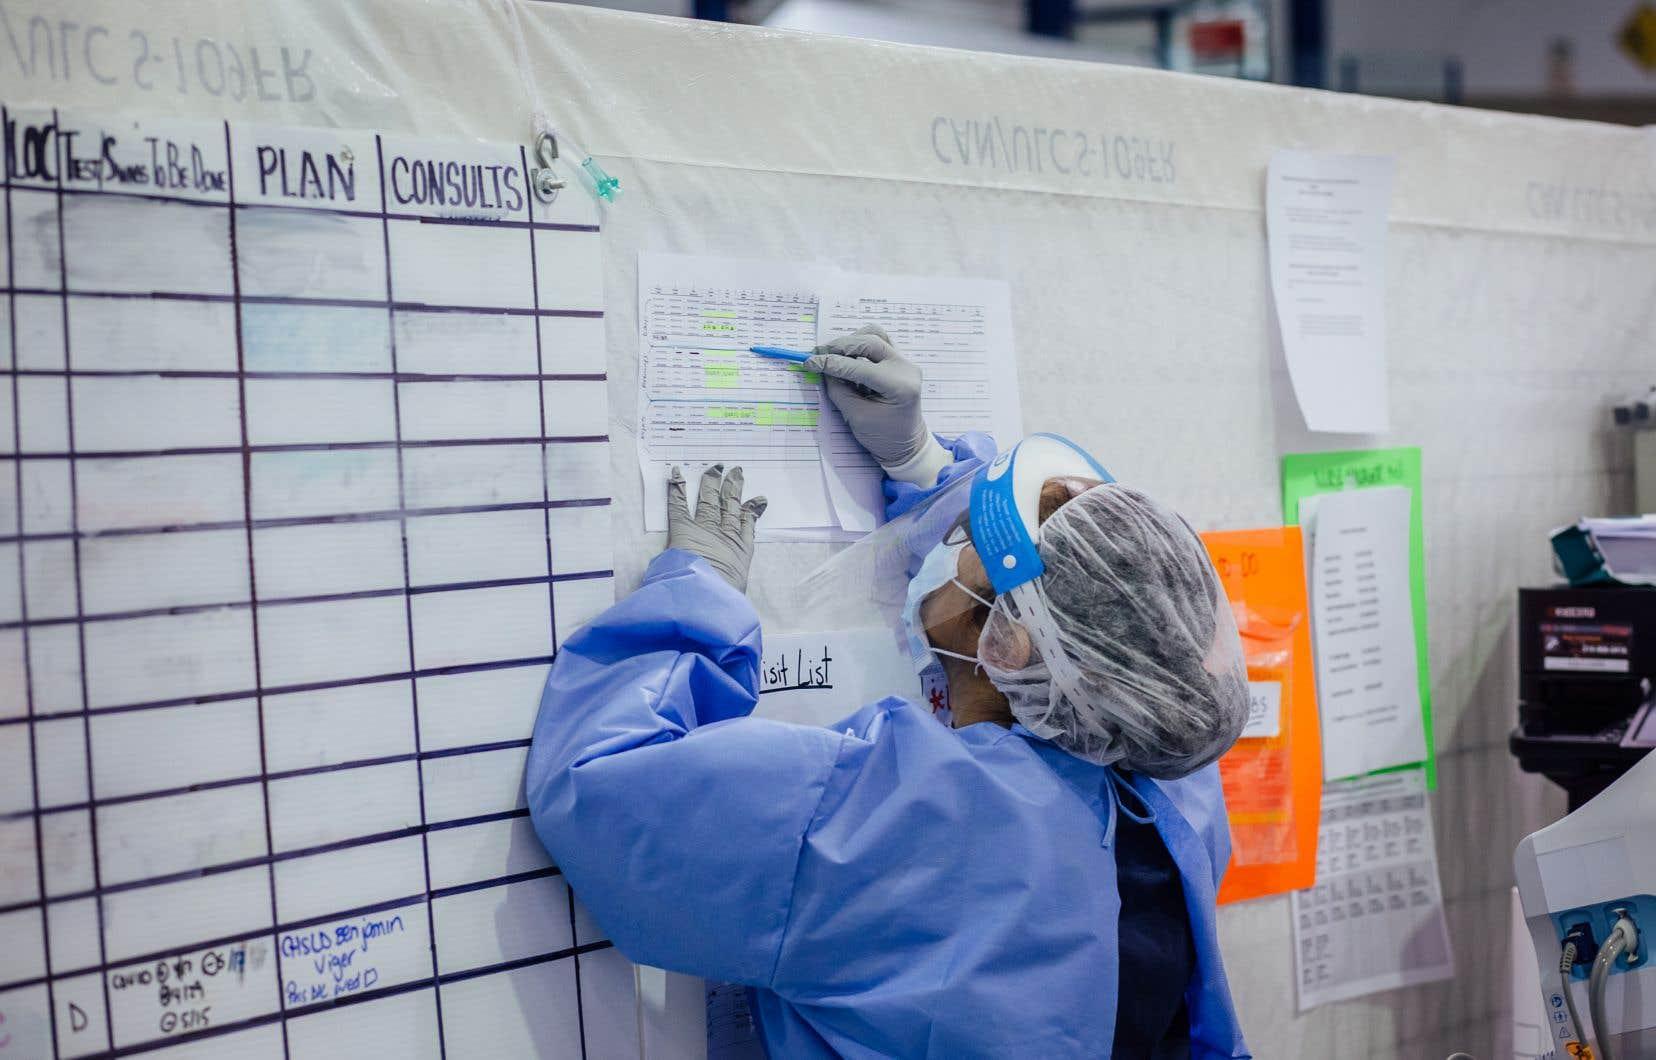 La FIQ, qui représente 76 000 infirmières, infirmières auxiliaires, inhalothérapeutes et autres professionnelles en soins, va bientôt tenir des assemblées générales pour sonder ses membres sur un mandat de grève. Celui-ci pourrait aller jusqu'à une grève générale.